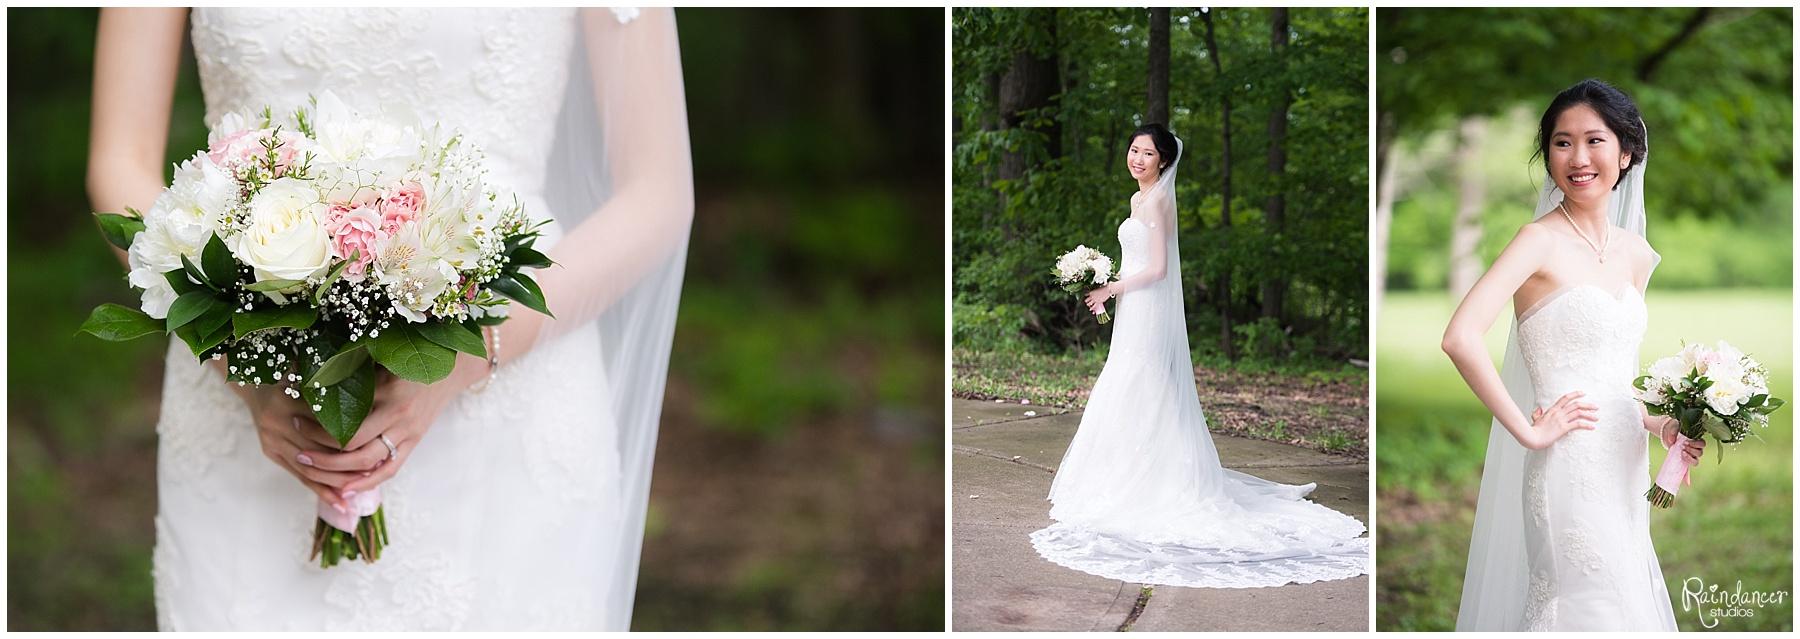 Xuan & David - Indianapolis Wedding Photographer - Raindancer ...